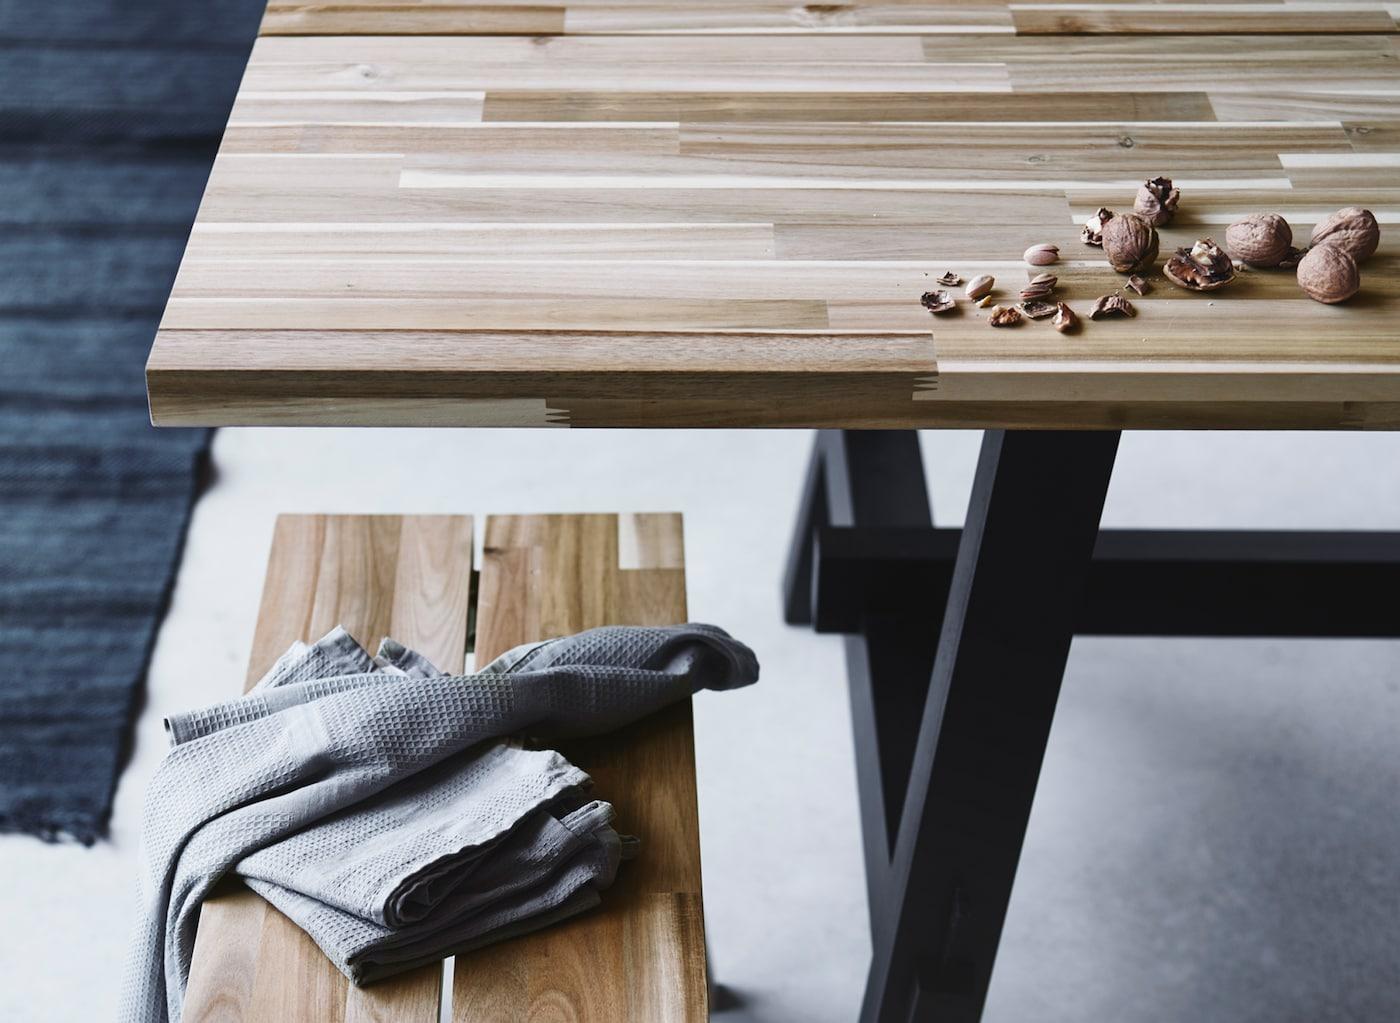 cuanta madera consume ikea al año